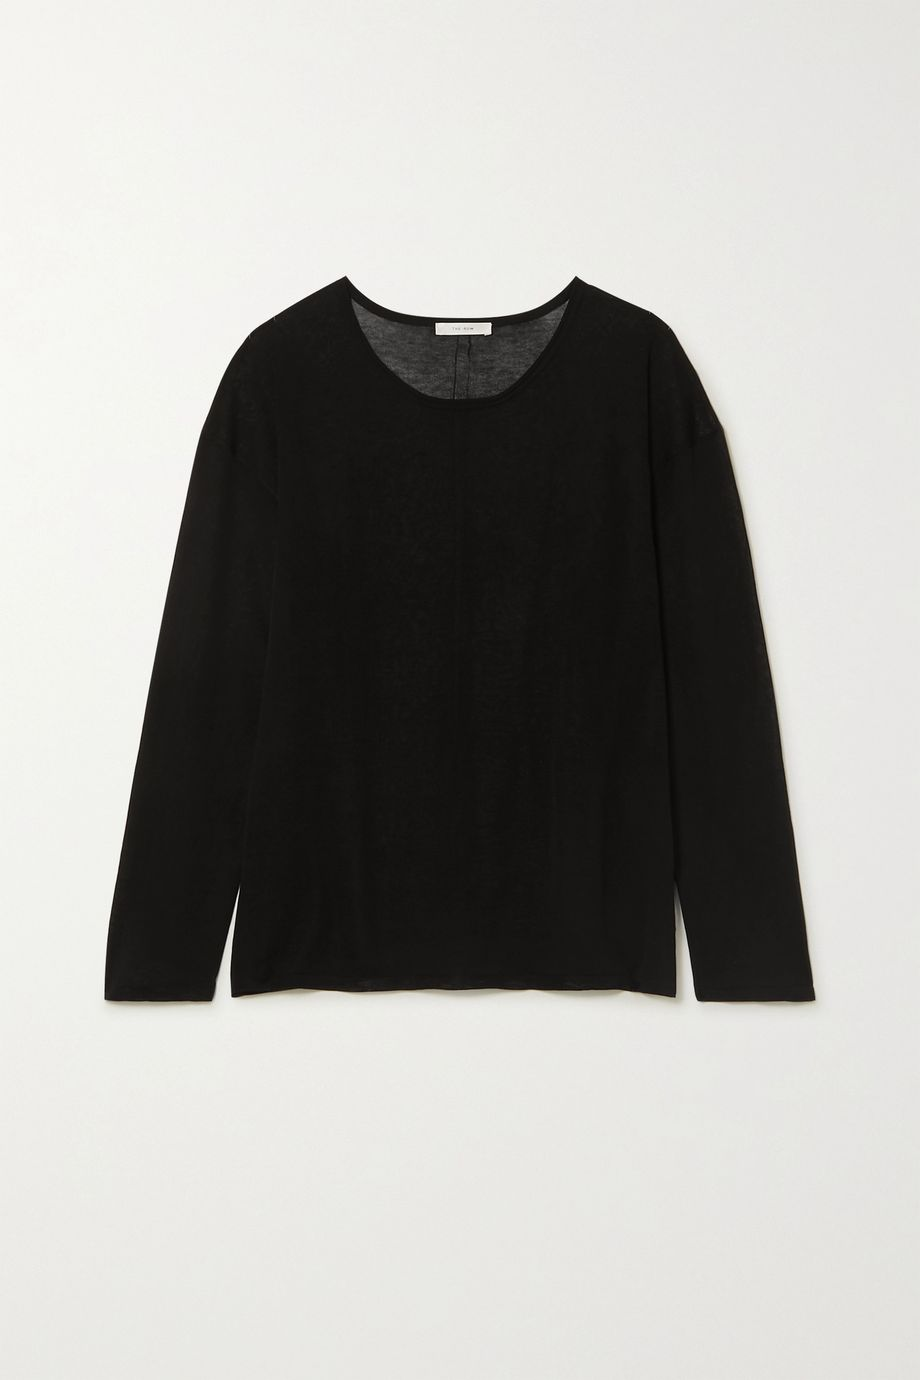 The Row Emilia cotton top